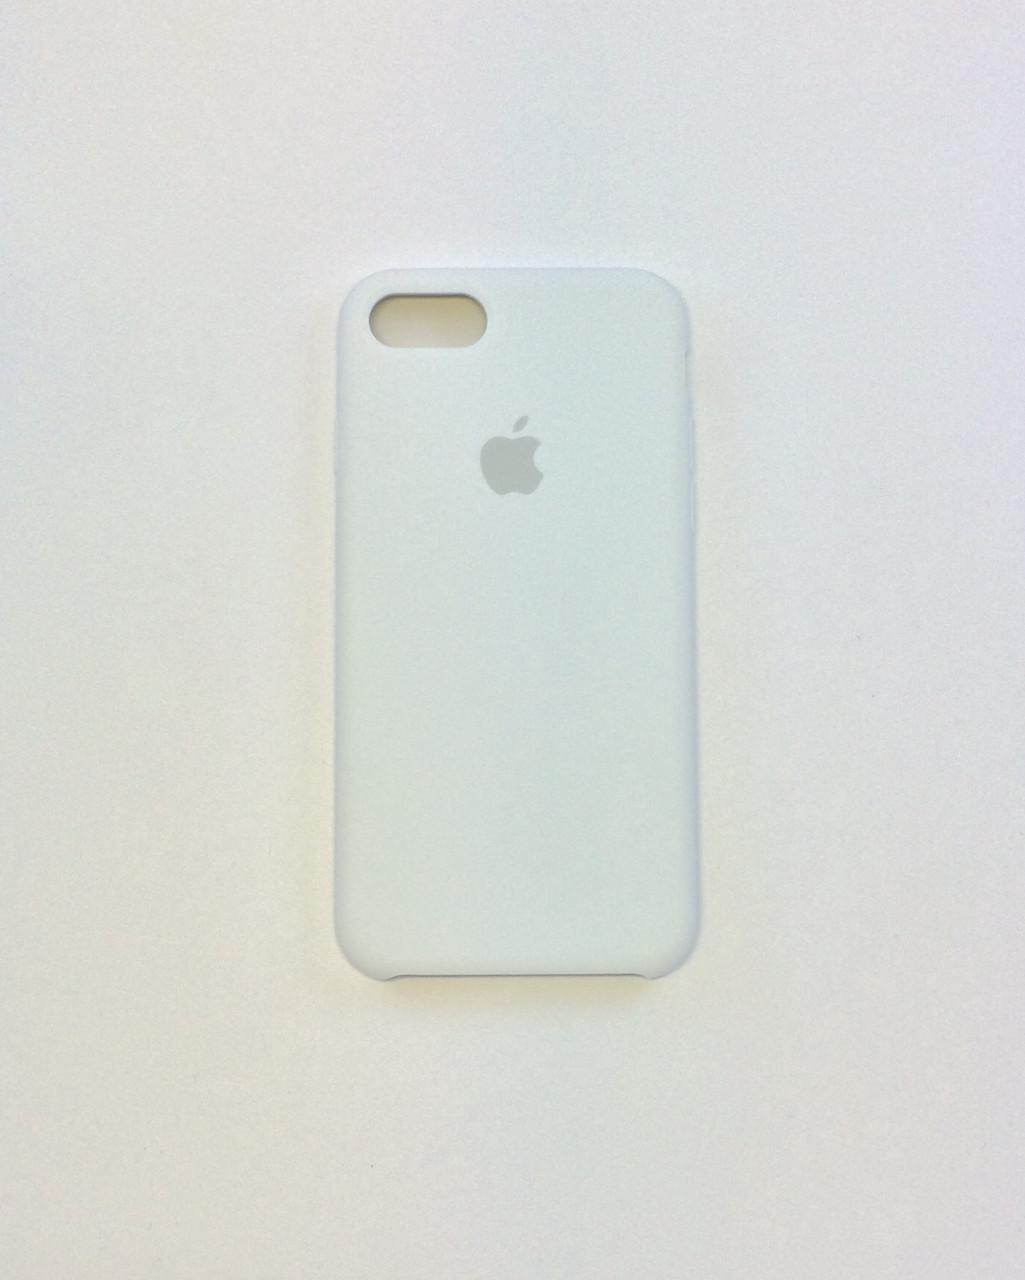 Силиконовый чехол iPhone 7, белый, copy original